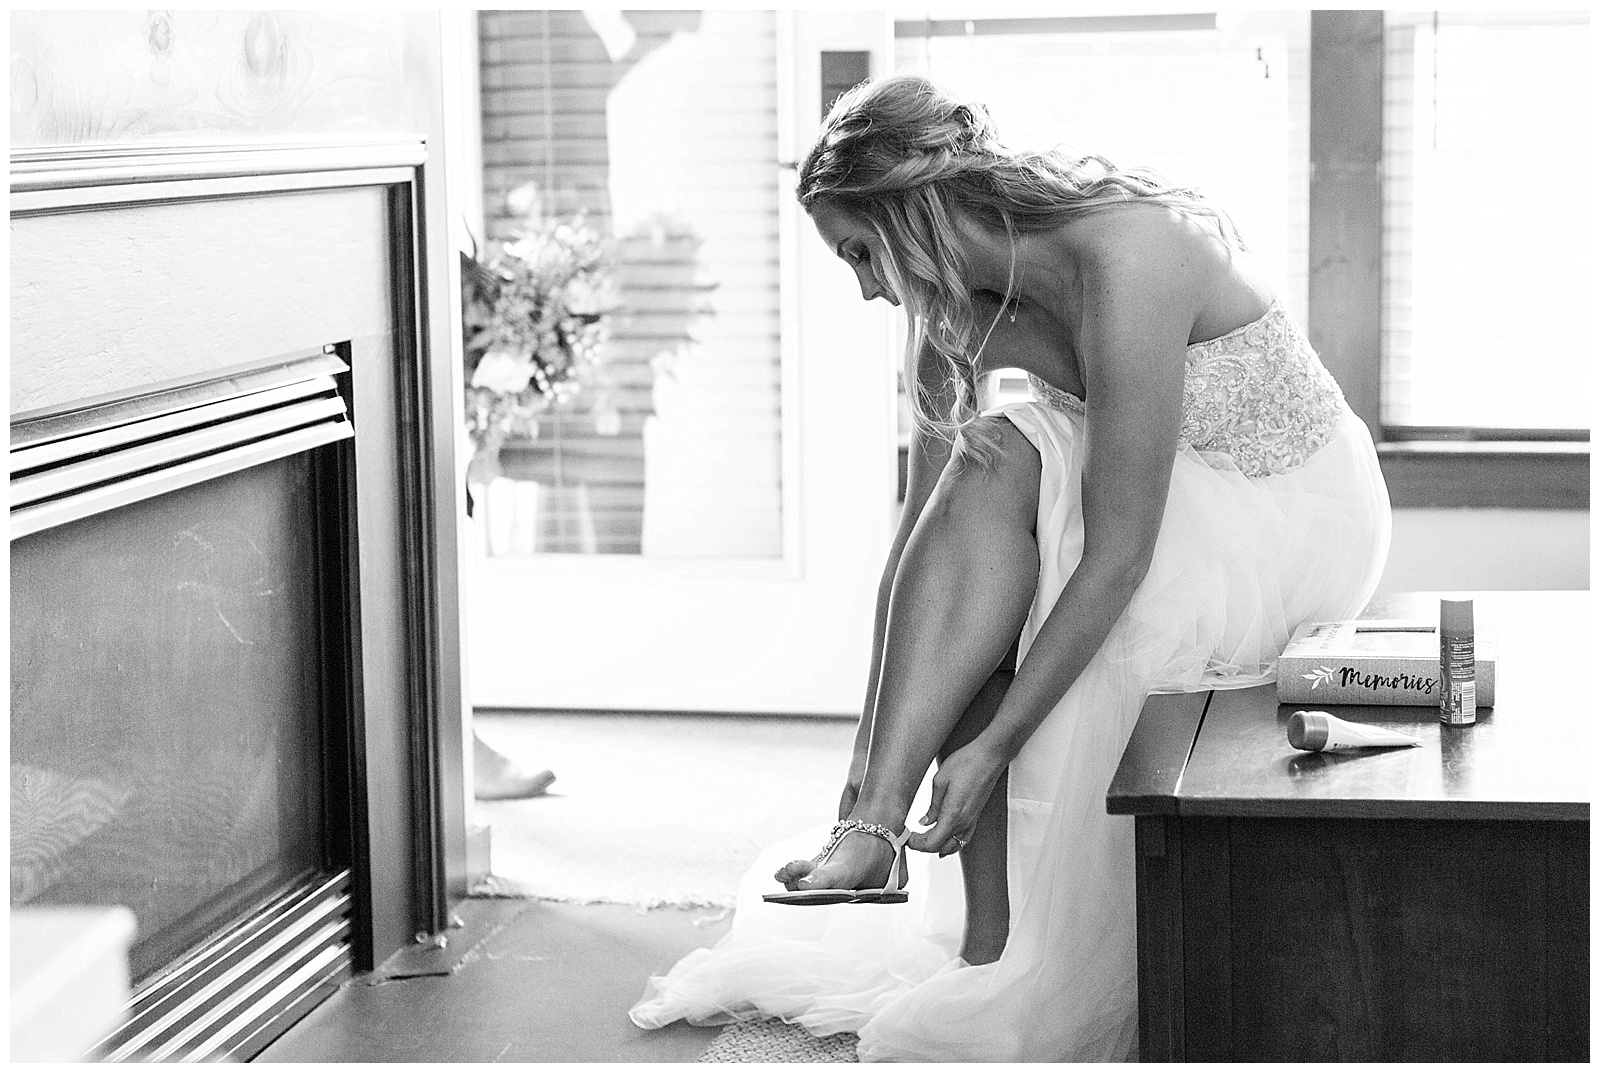 Saiko_Kara_Blakeman_Photography_Snowshoe_Wedding_Wv_2018_18